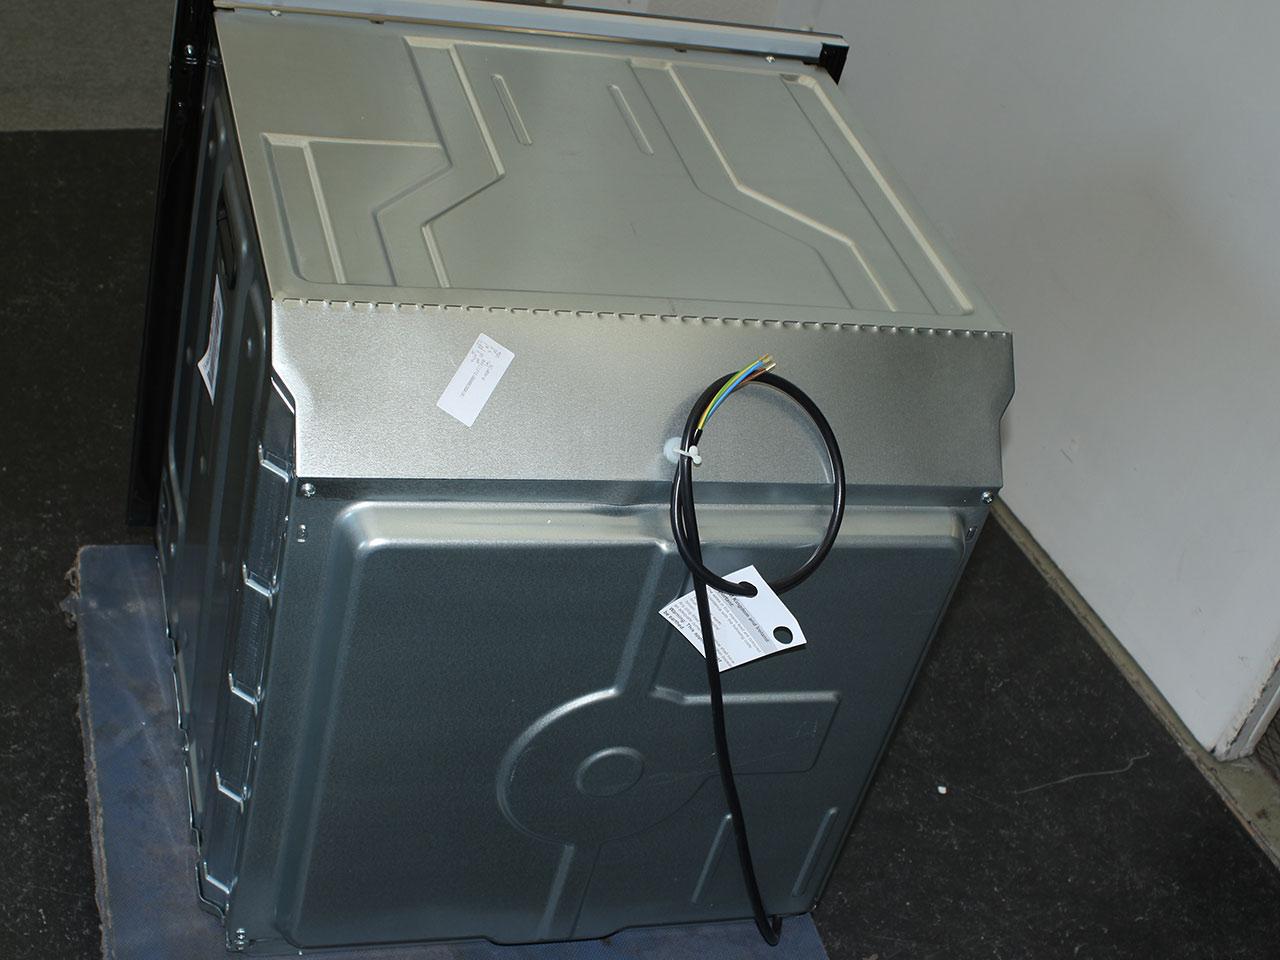 smeg backofen mit sonderzubeh r grill umluft teleskop pizzastein wasserreinigung ebay. Black Bedroom Furniture Sets. Home Design Ideas